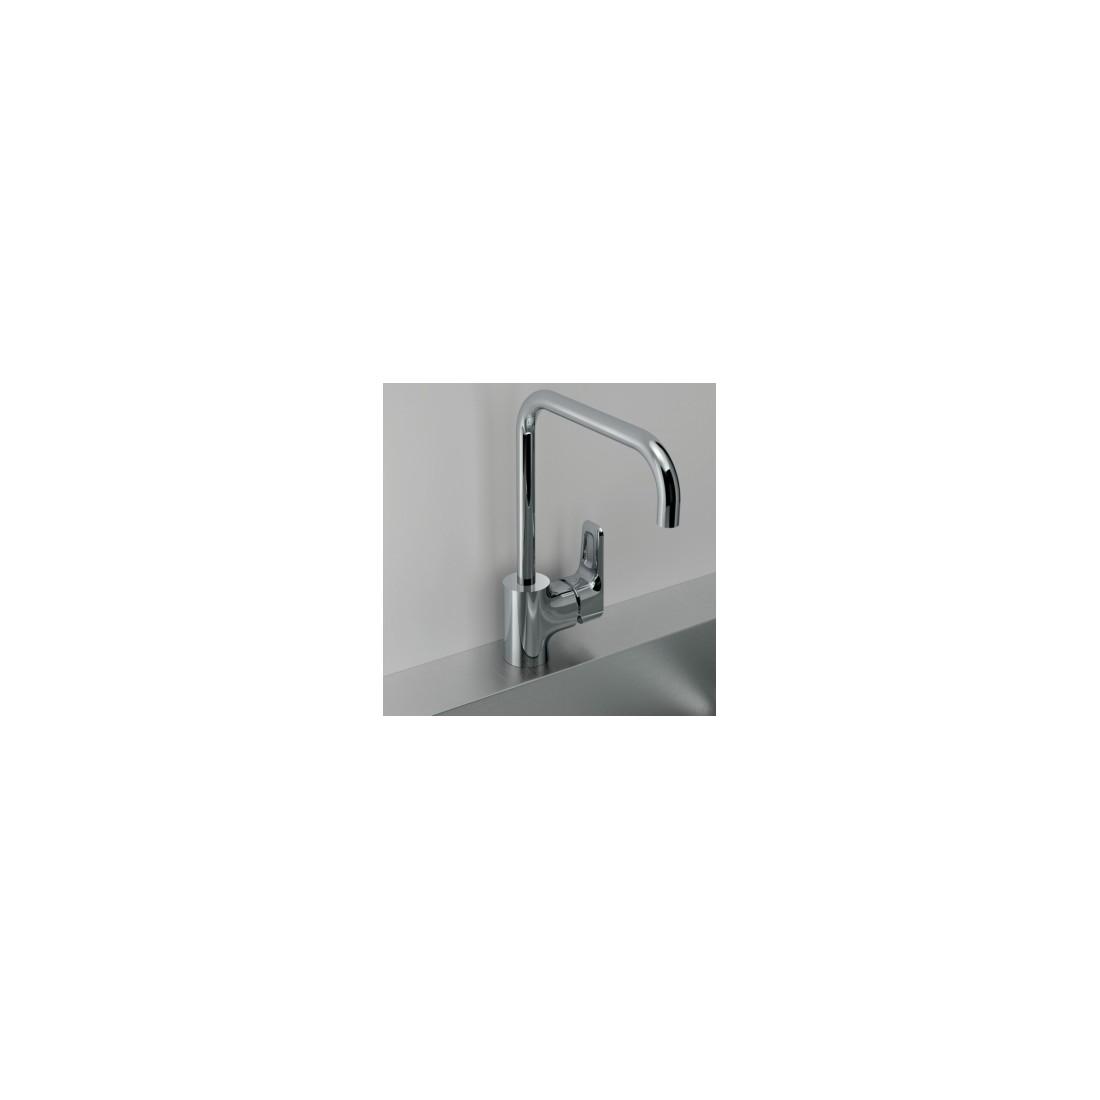 Plautuvės maišytuvas Ideal Standard, Ceraplan III aukštu čiaupu